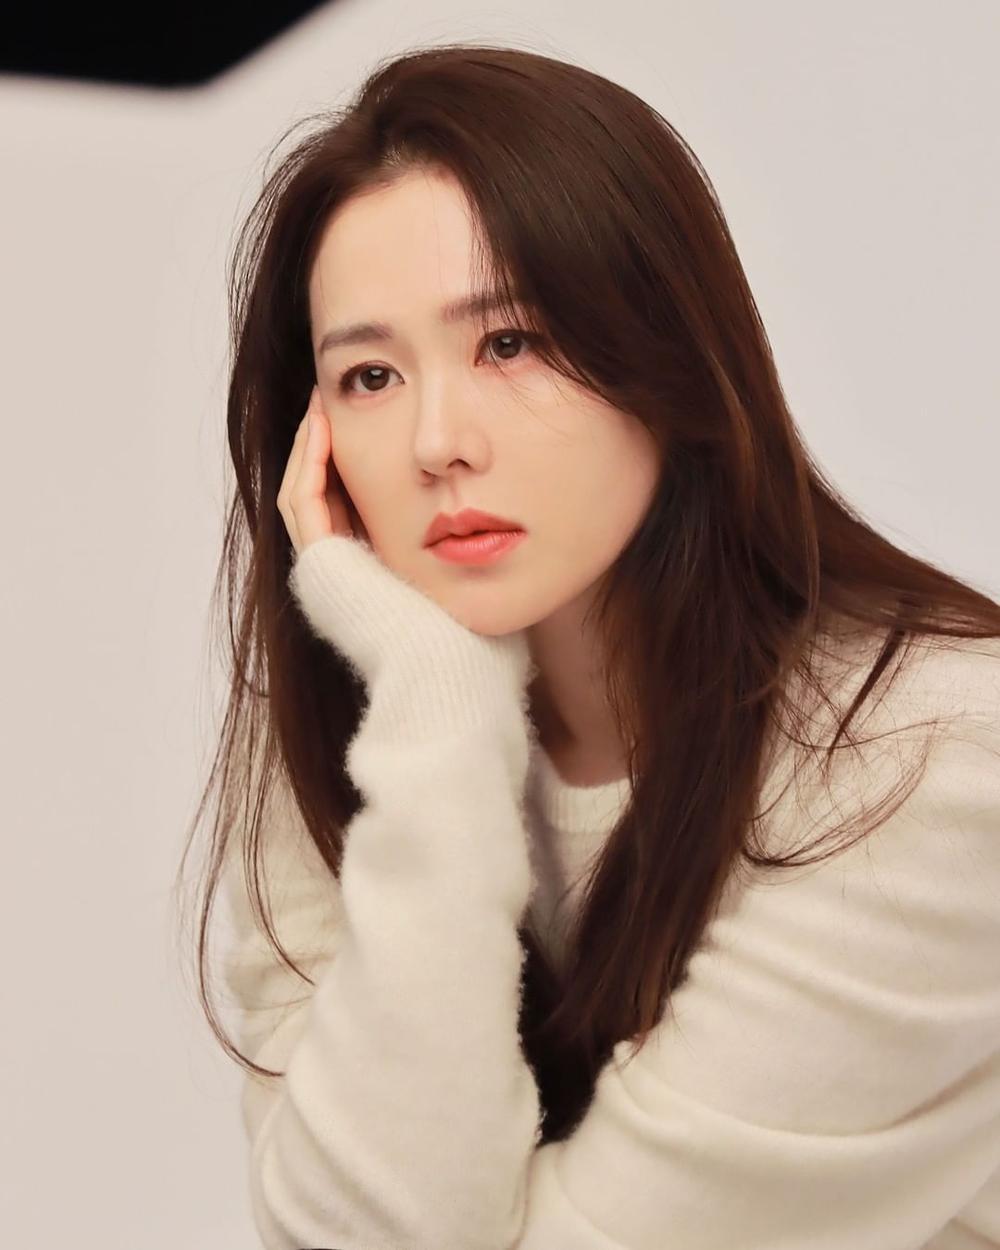 Son Ye Jin khoe nhan sắc đỉnh cao trong bộ ảnh mới: Trẻ mãi không già là đây Ảnh 7